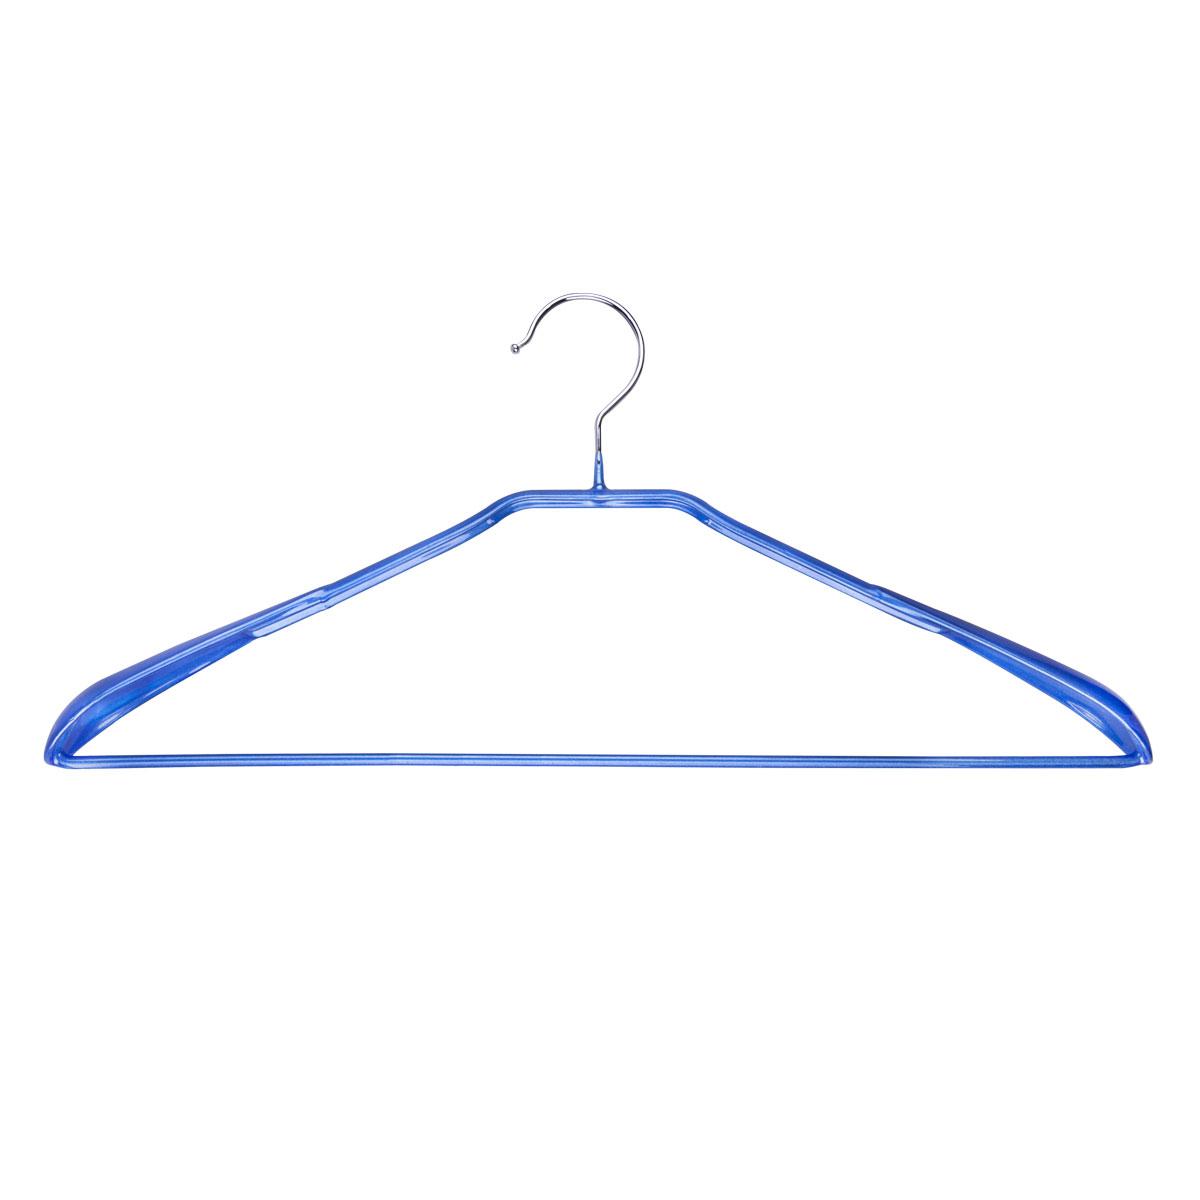 Вешалка для одежды Miolla, с расширенными плечиками, цвет: синий, 42 х 19 х 3,5 смS03301004Универсальная вешалка для одежды Miolla выполнена из прочной стали. Специальное резиновое покрытие предотвращает соскальзывание одежды. Изделие оснащено перекладиной для брюк и расширенными плечиками. Вешалка - это незаменимая вещь для того, чтобы ваша одежда всегда оставалась в хорошем состоянии.